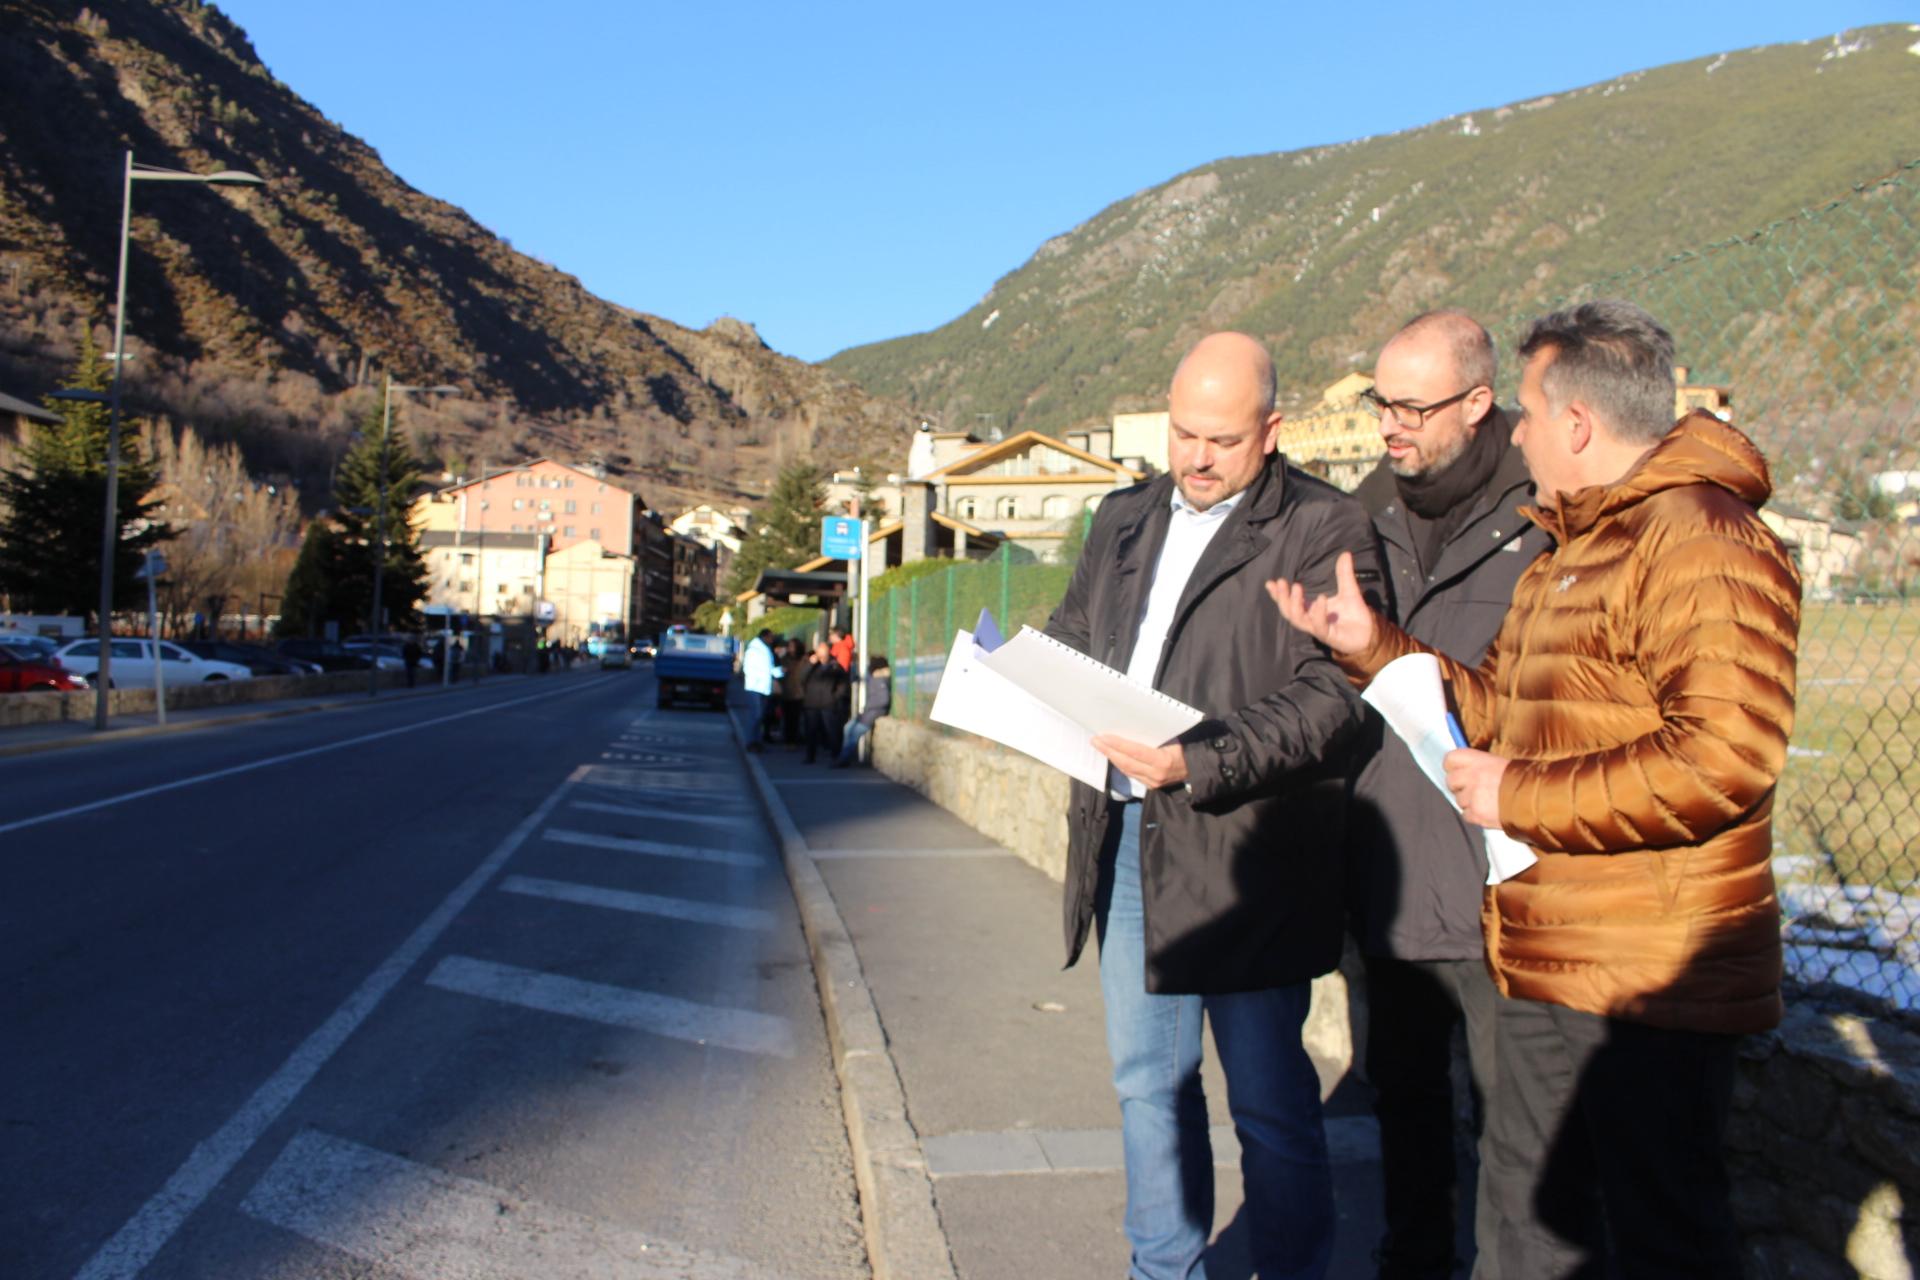 Les obres de l'avinguda a Encamp afectaran el transport col·lectiu i la circulació interior